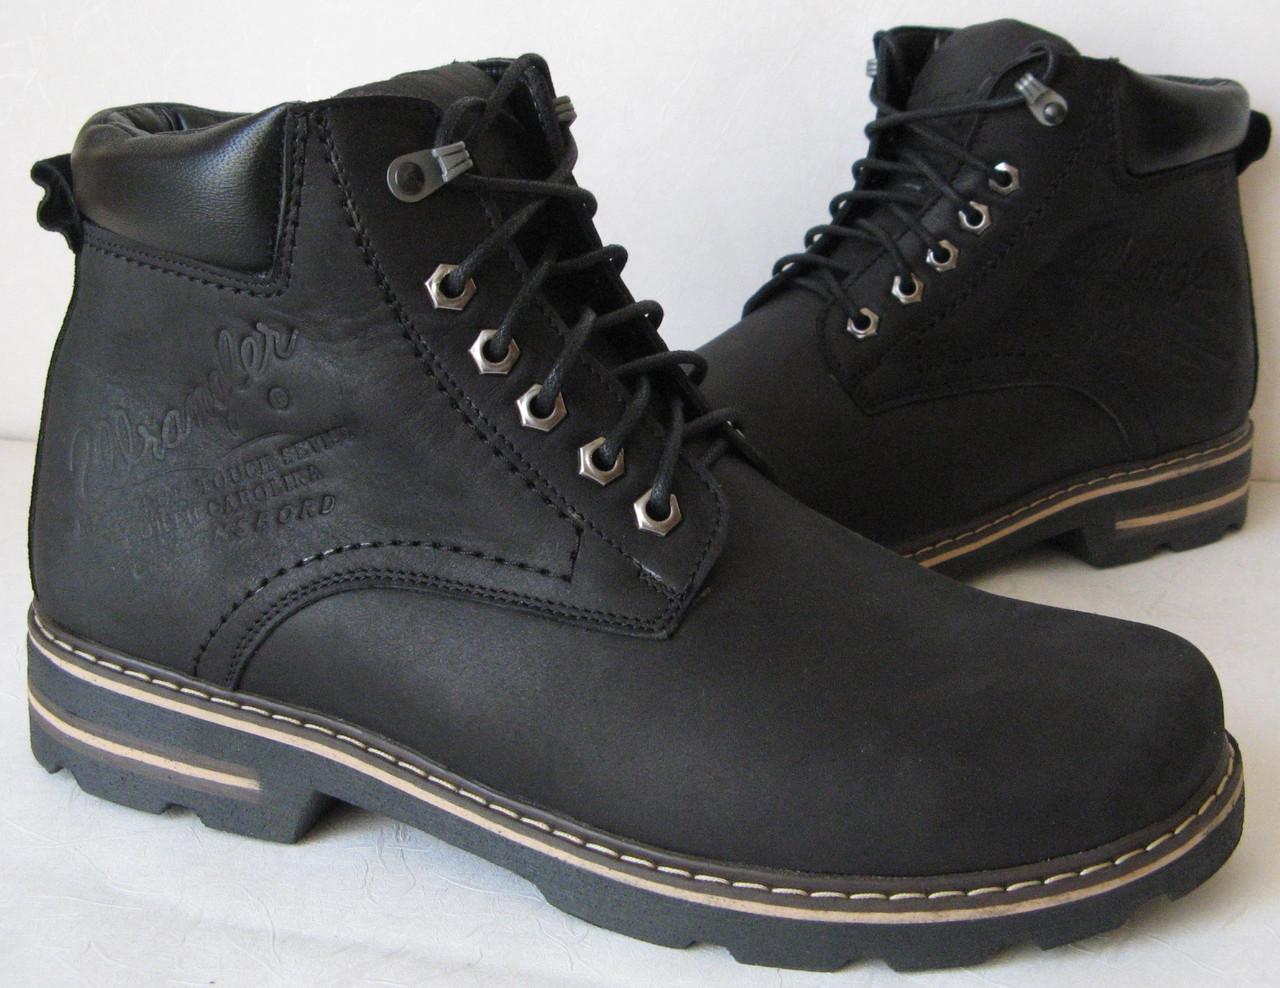 d213fe8fa Супер Wrangler! Мужские зимние ботинки черные натуральная кожа обувь в  стиле Вранглер сапоги